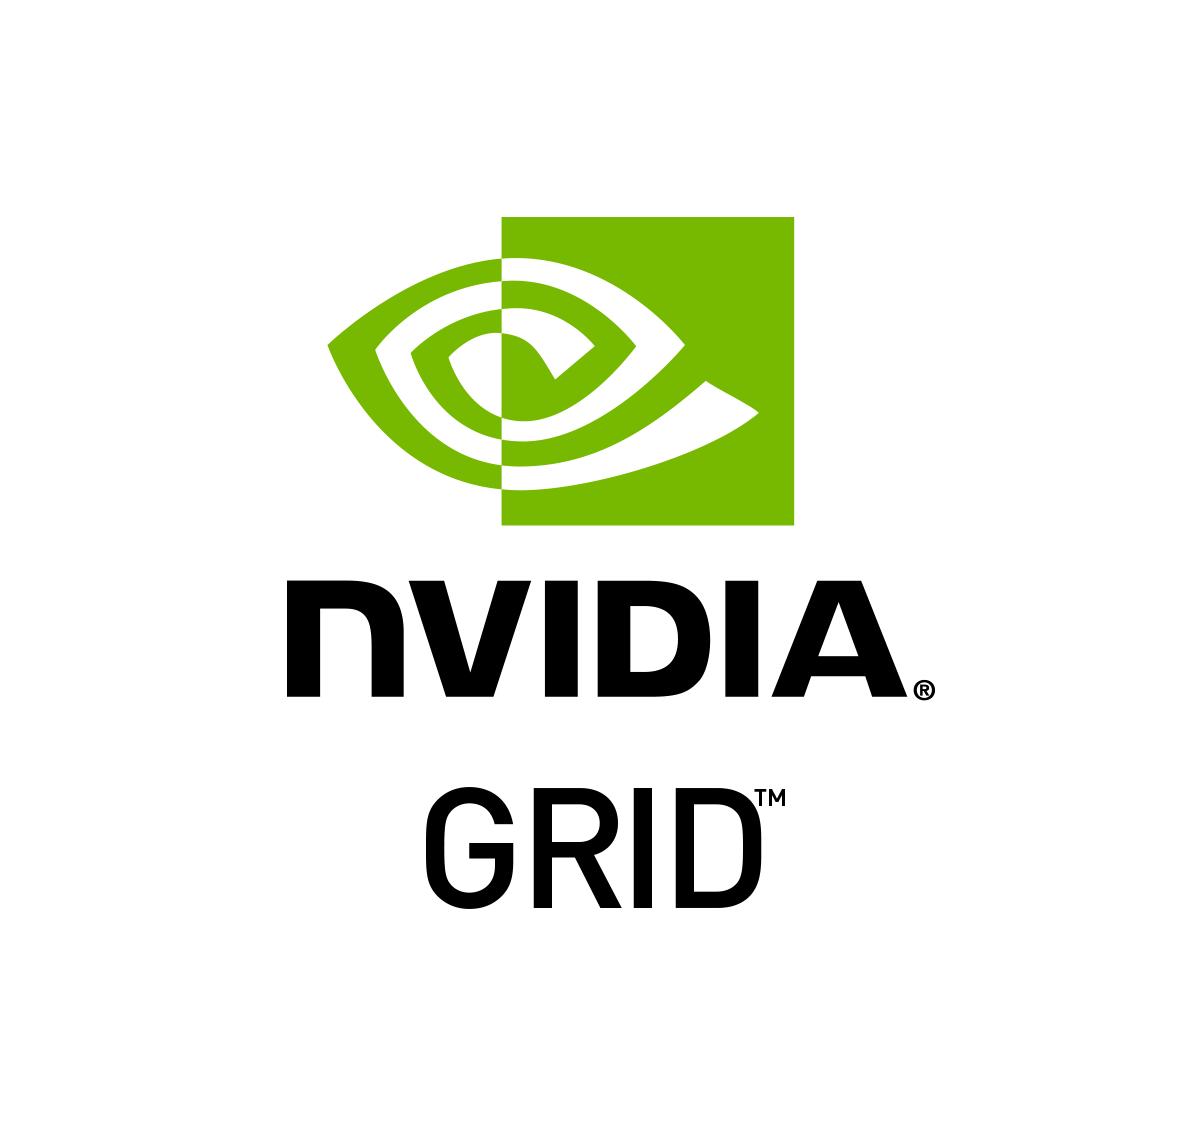 img_nvidia_grid_logo